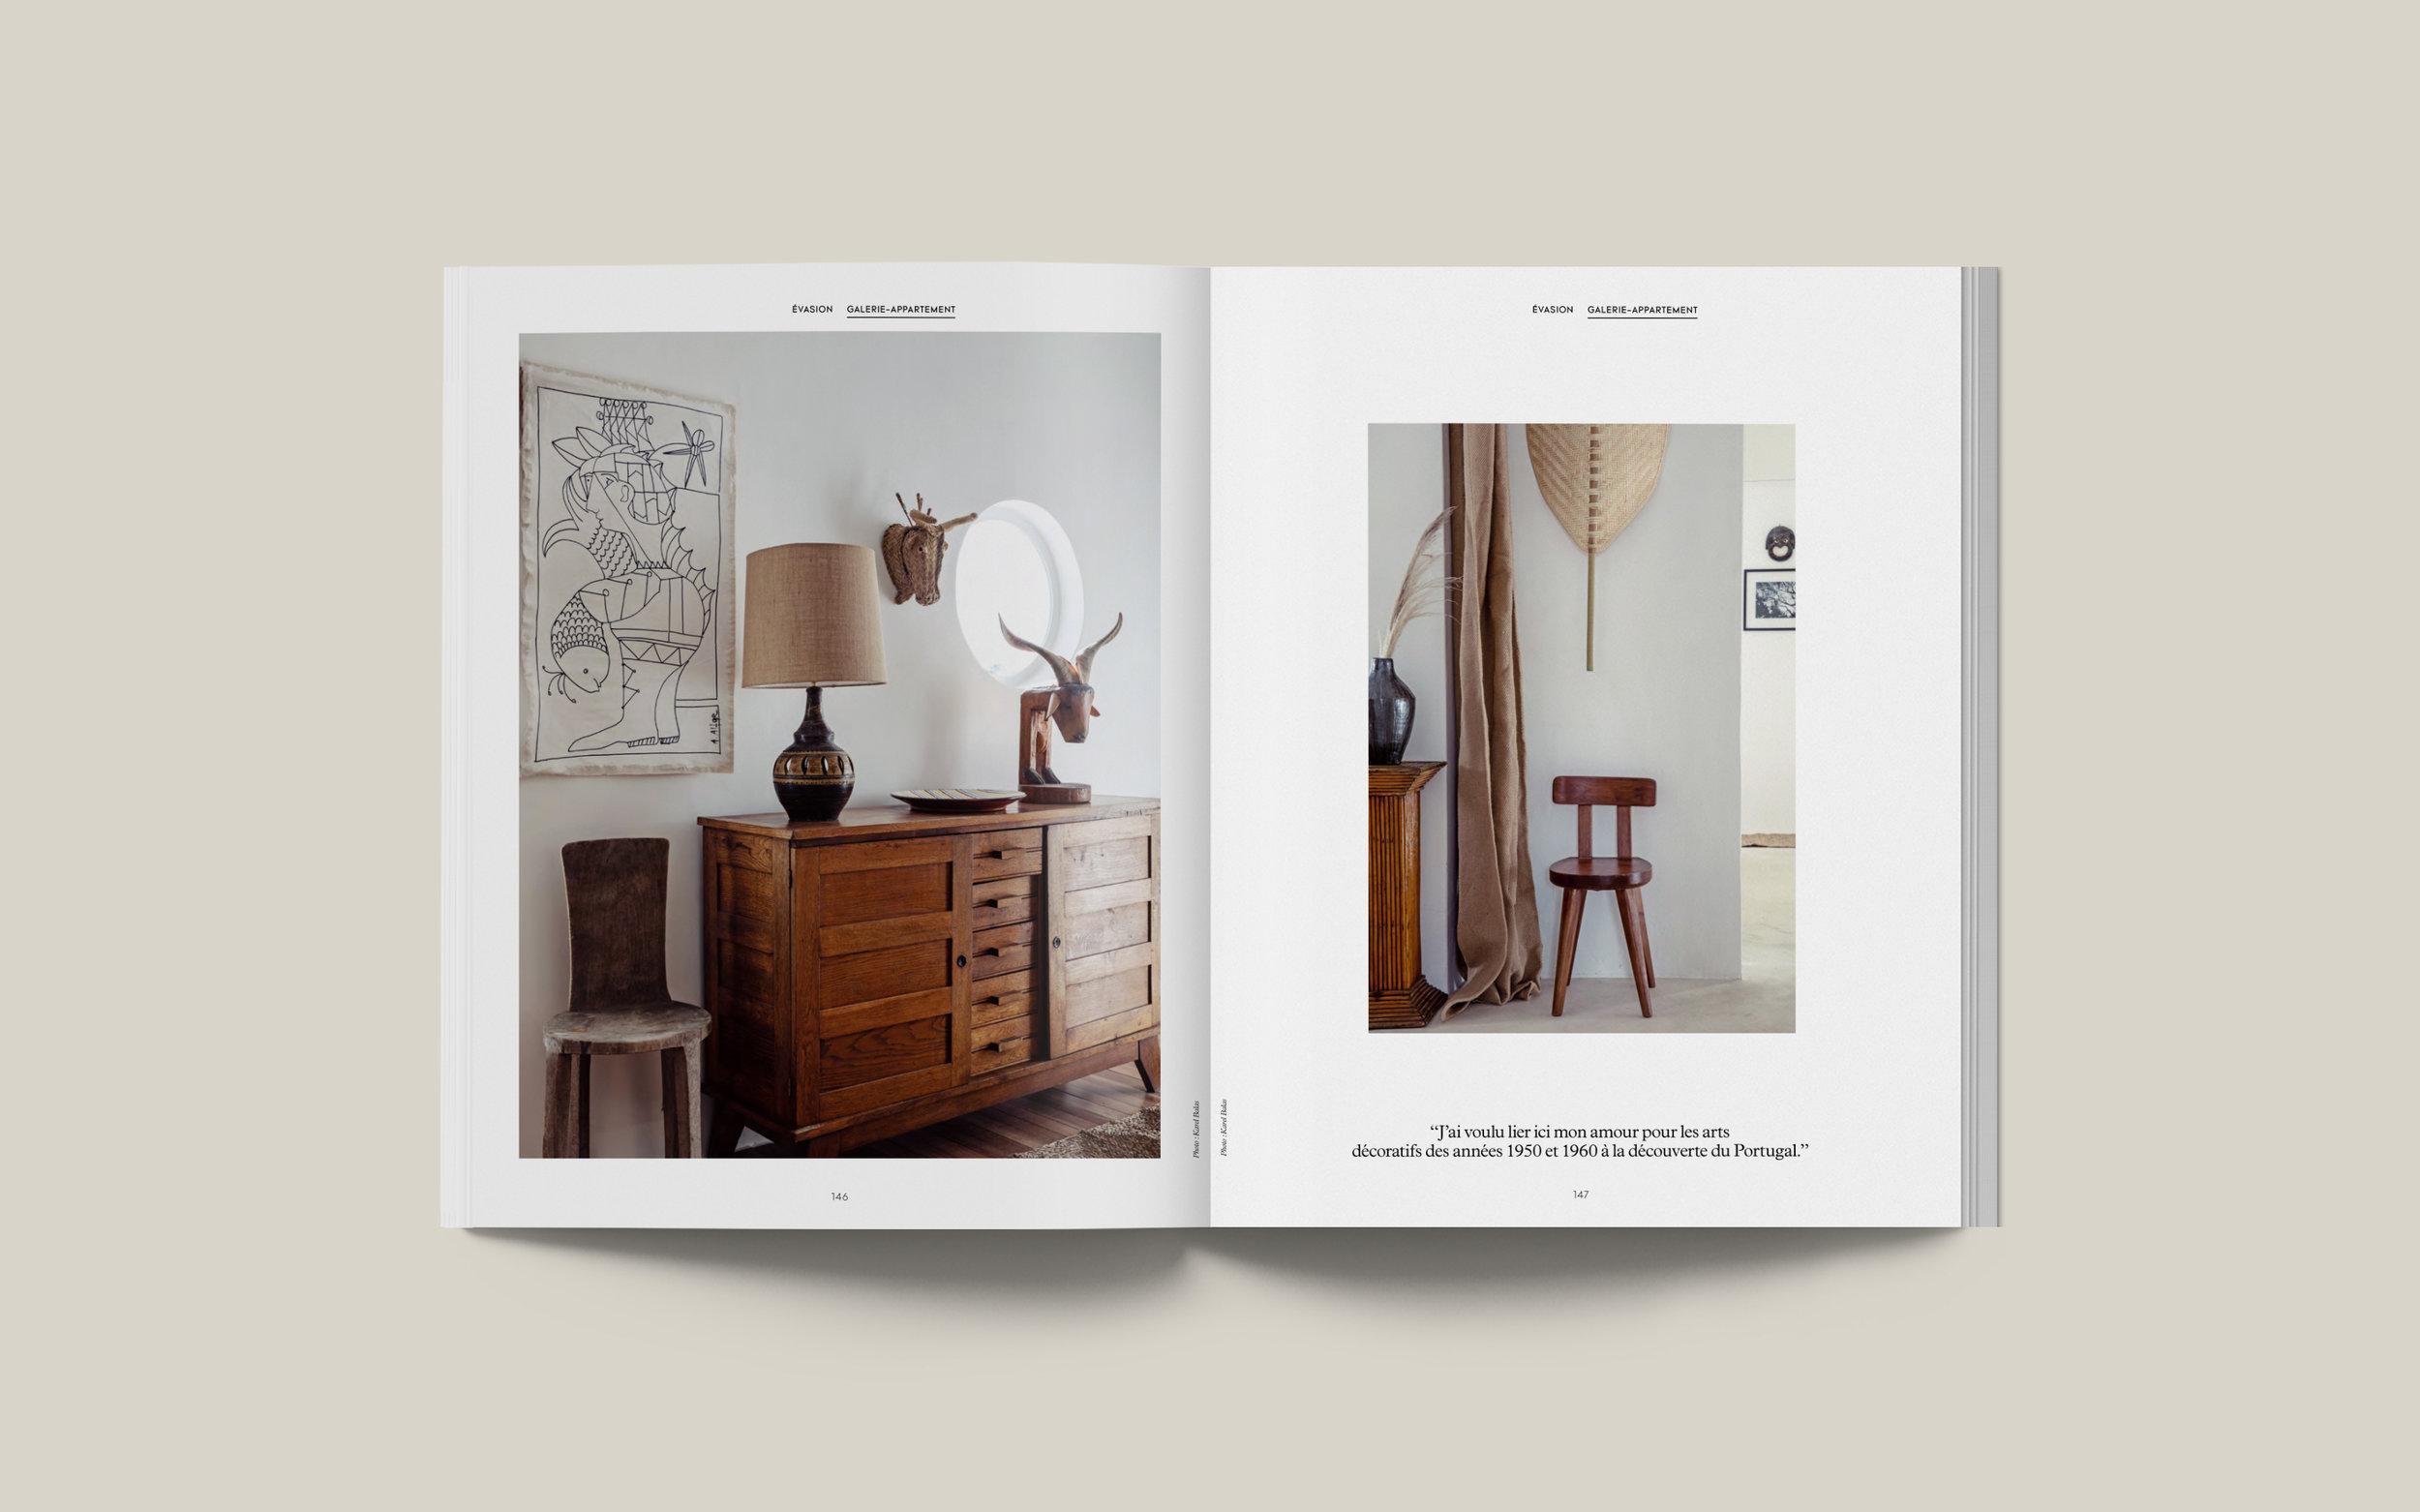 MilK Decoration est le magazine prescripteur en matière de décoration et de lifestyle, il décode les tendances de demain. Observateur de son époque, le titre aborde les thèmes du design, de la décoration, de la gastromomie, du voyage, du savoir faire…